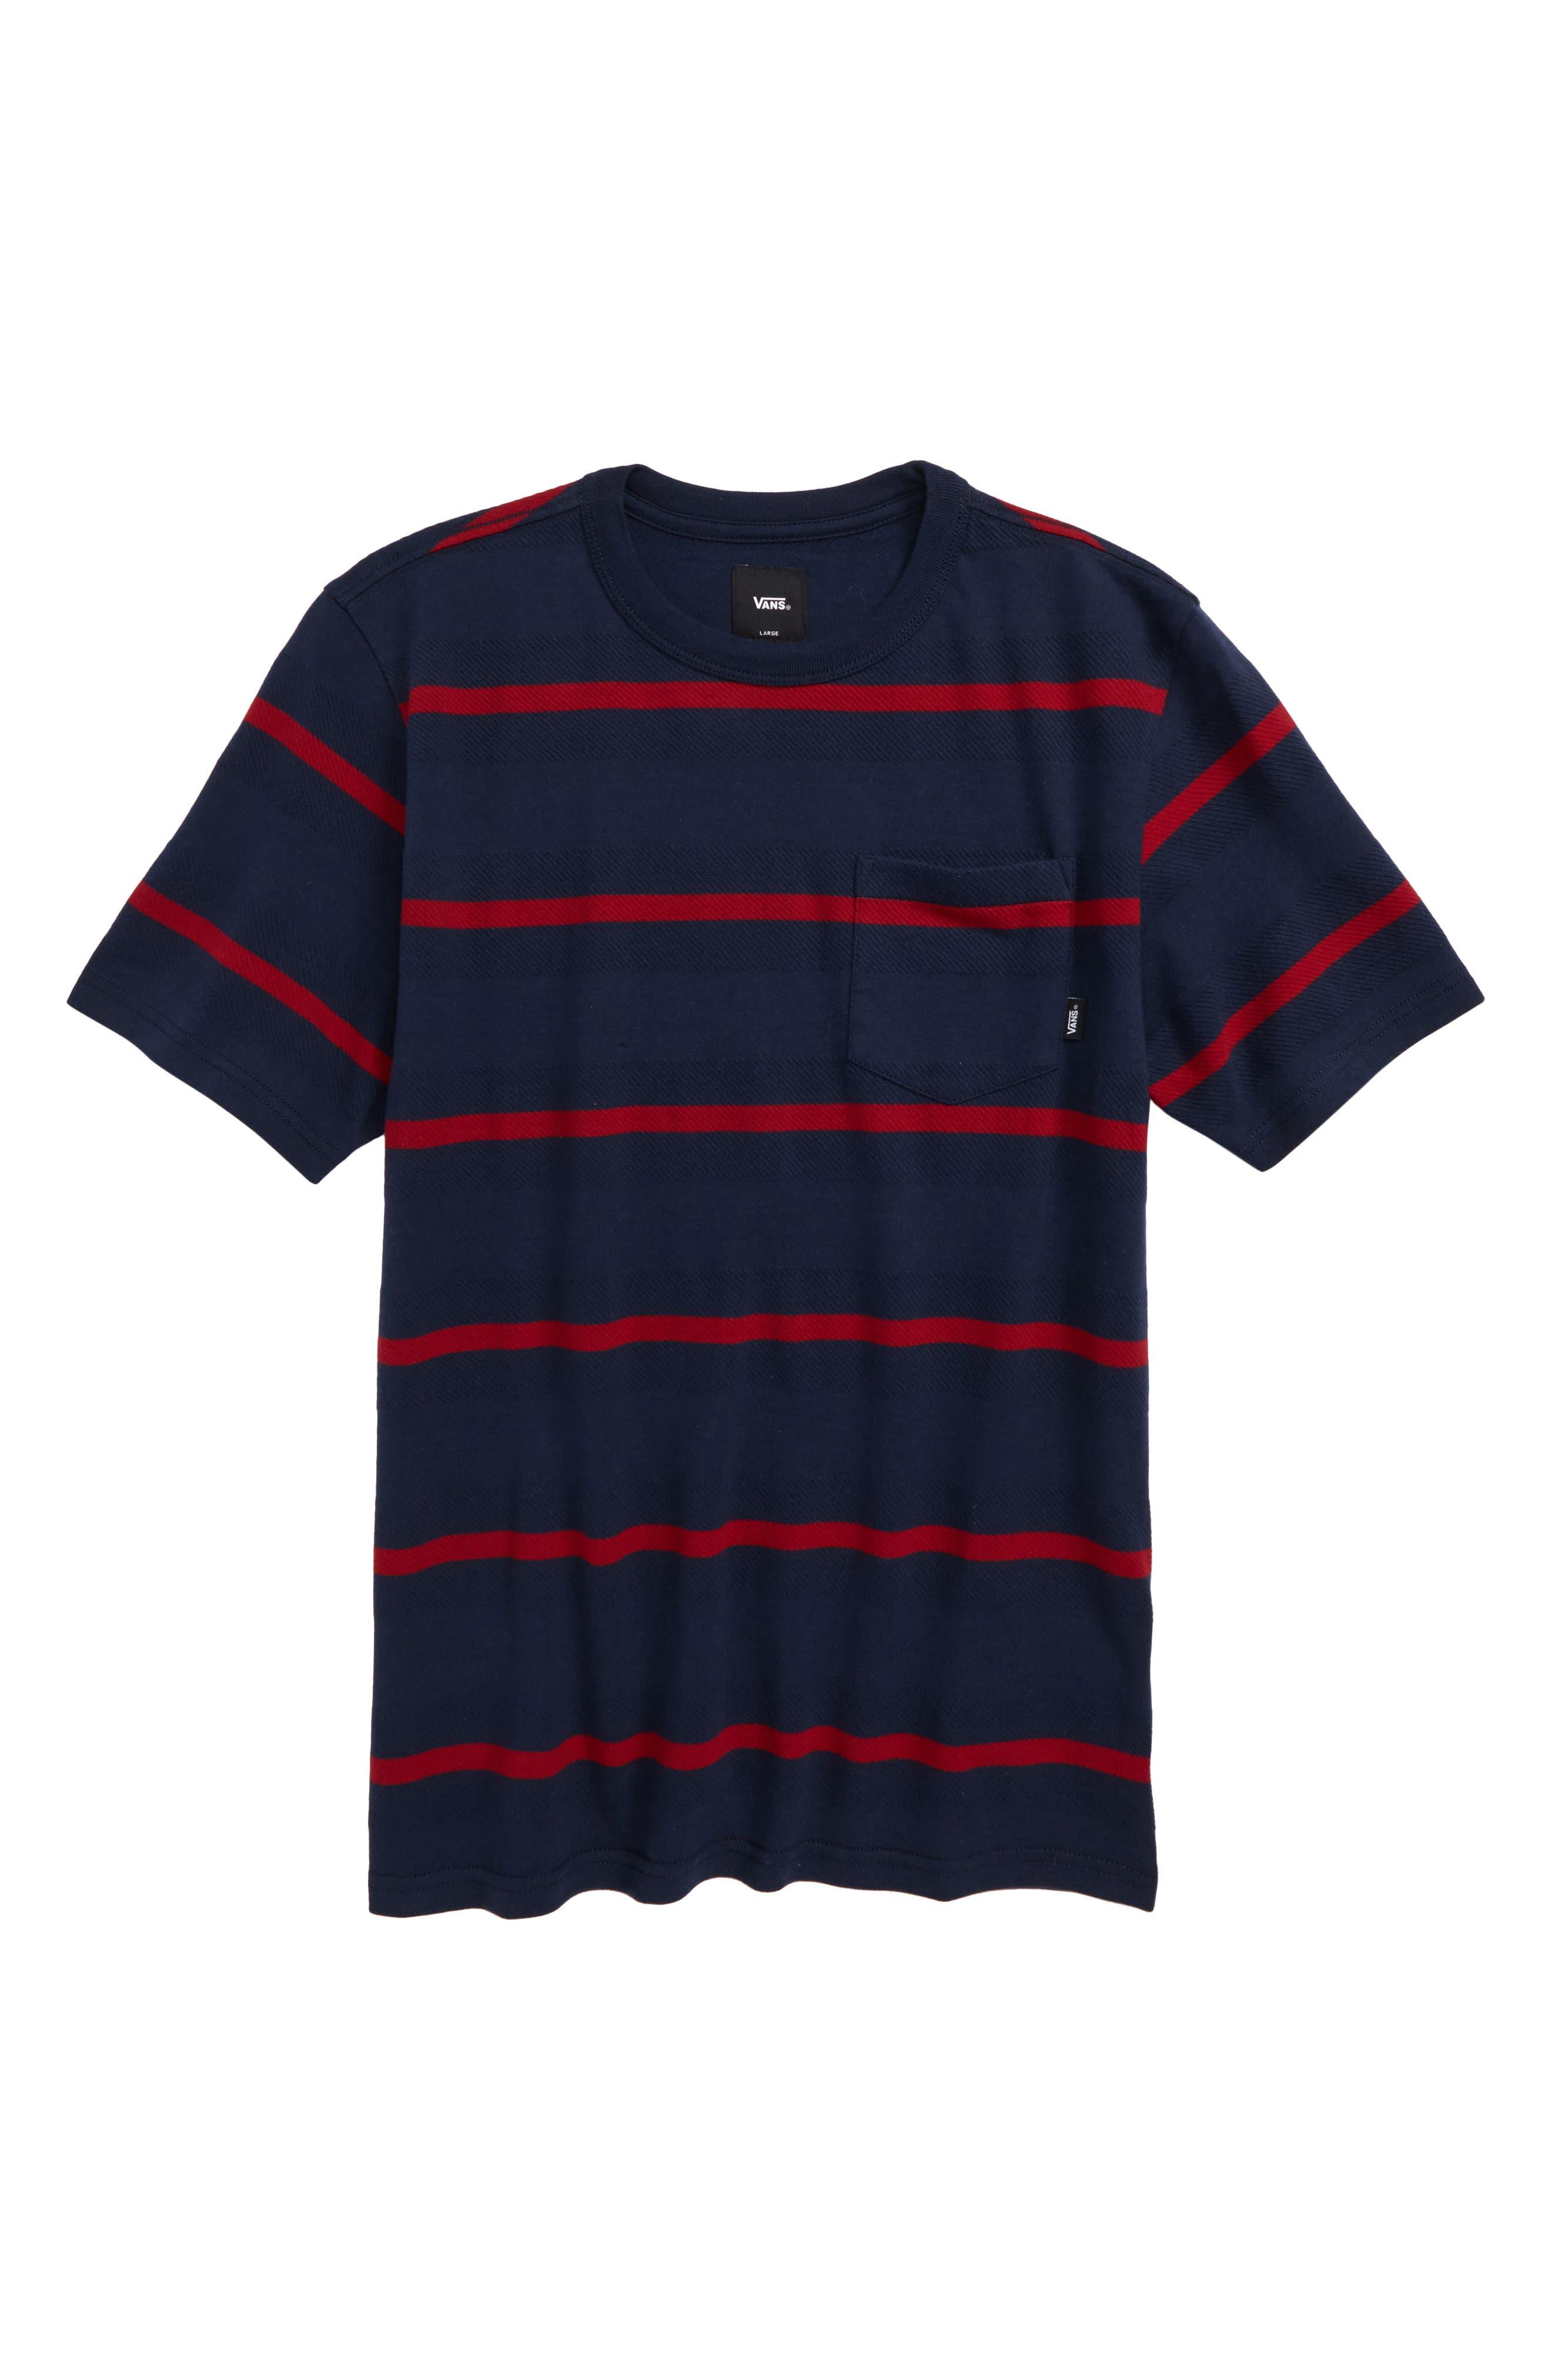 Vans Chadron T-Shirt (Big Boys)